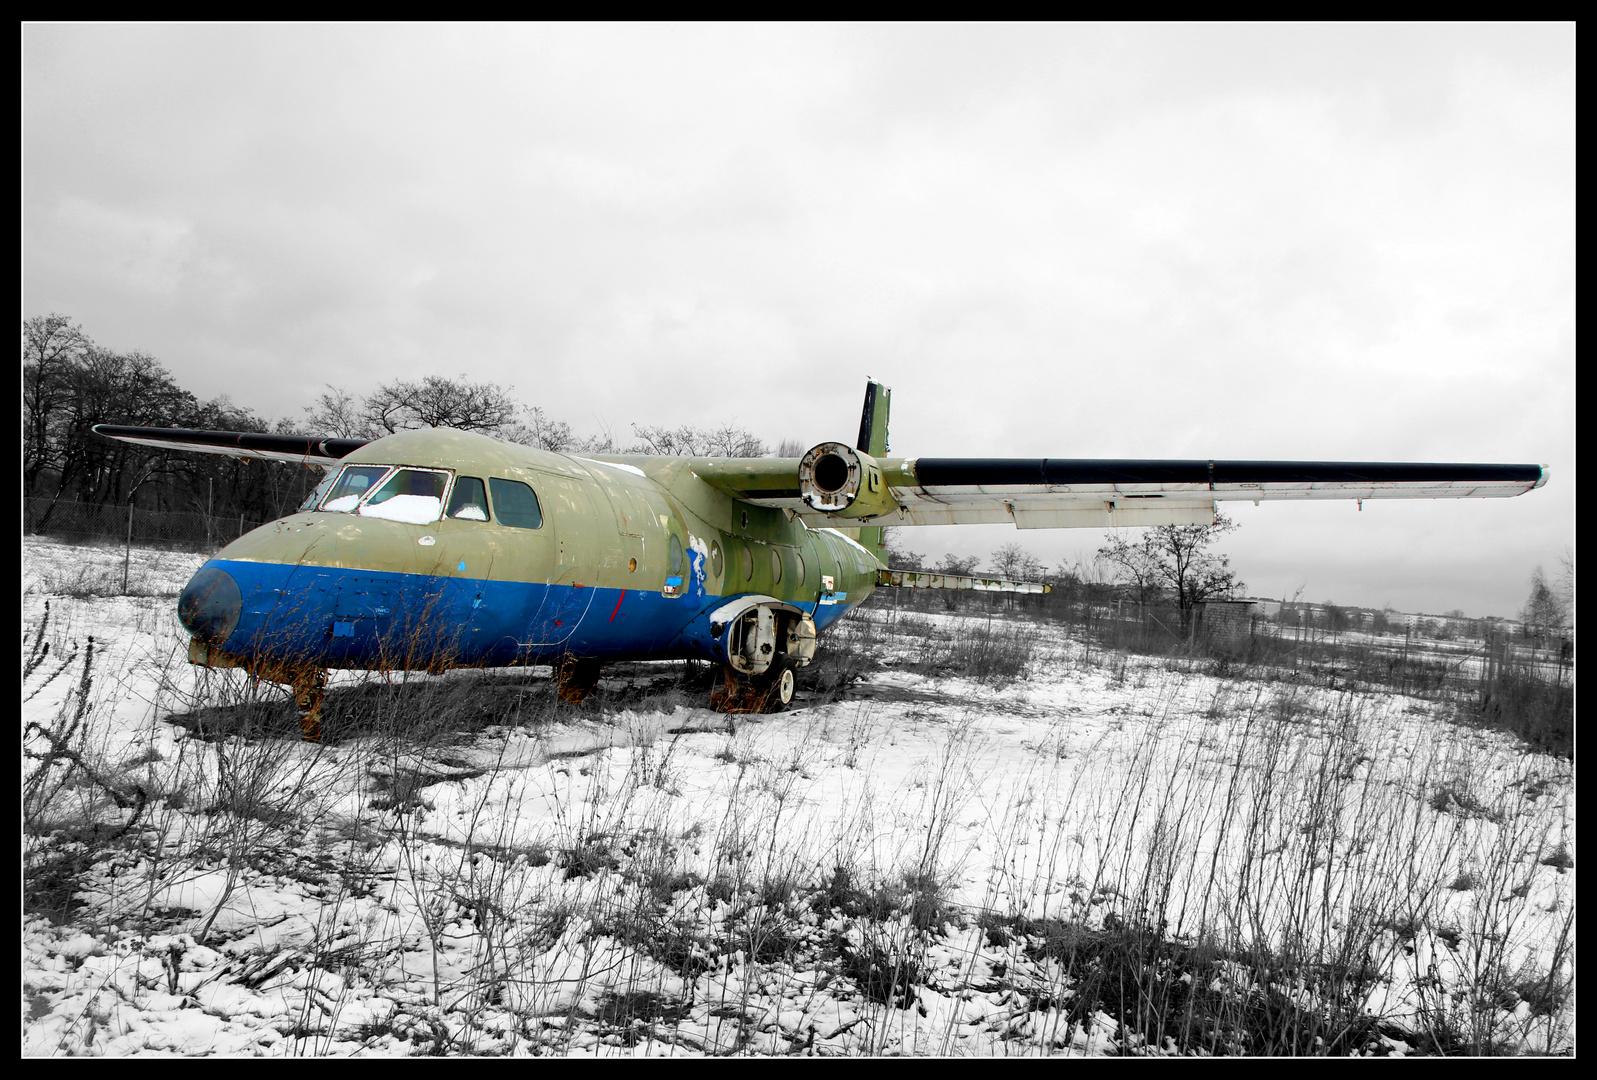 Flughafen Berlin - Tempelhof (7)